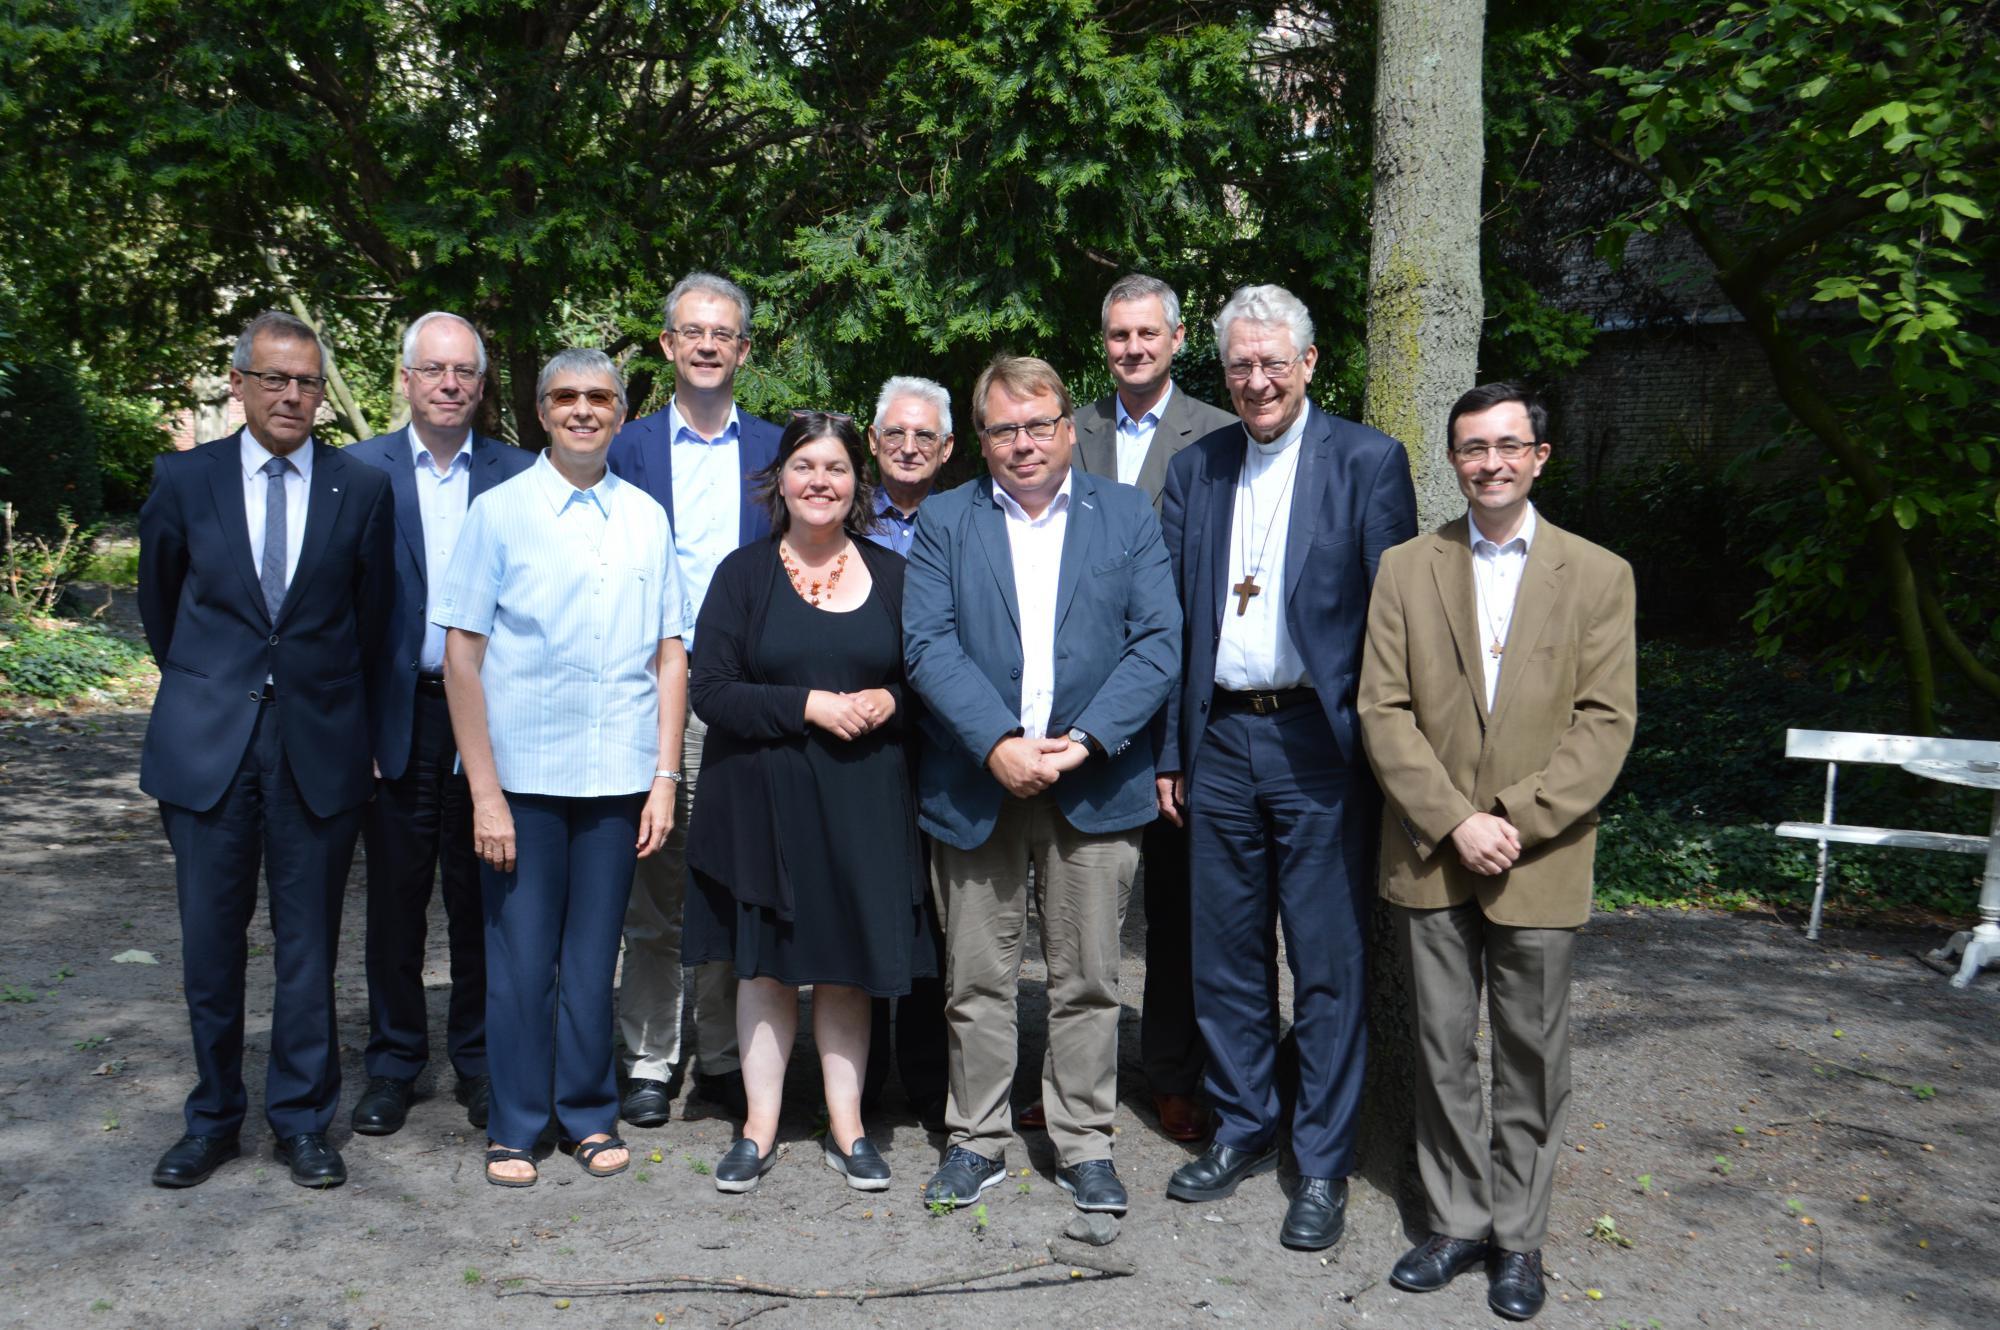 Bisschopsraad bisdom Gent vanaf 1 september 2017 © Bisdom Gent, foto: Claire-Marie Cloquet